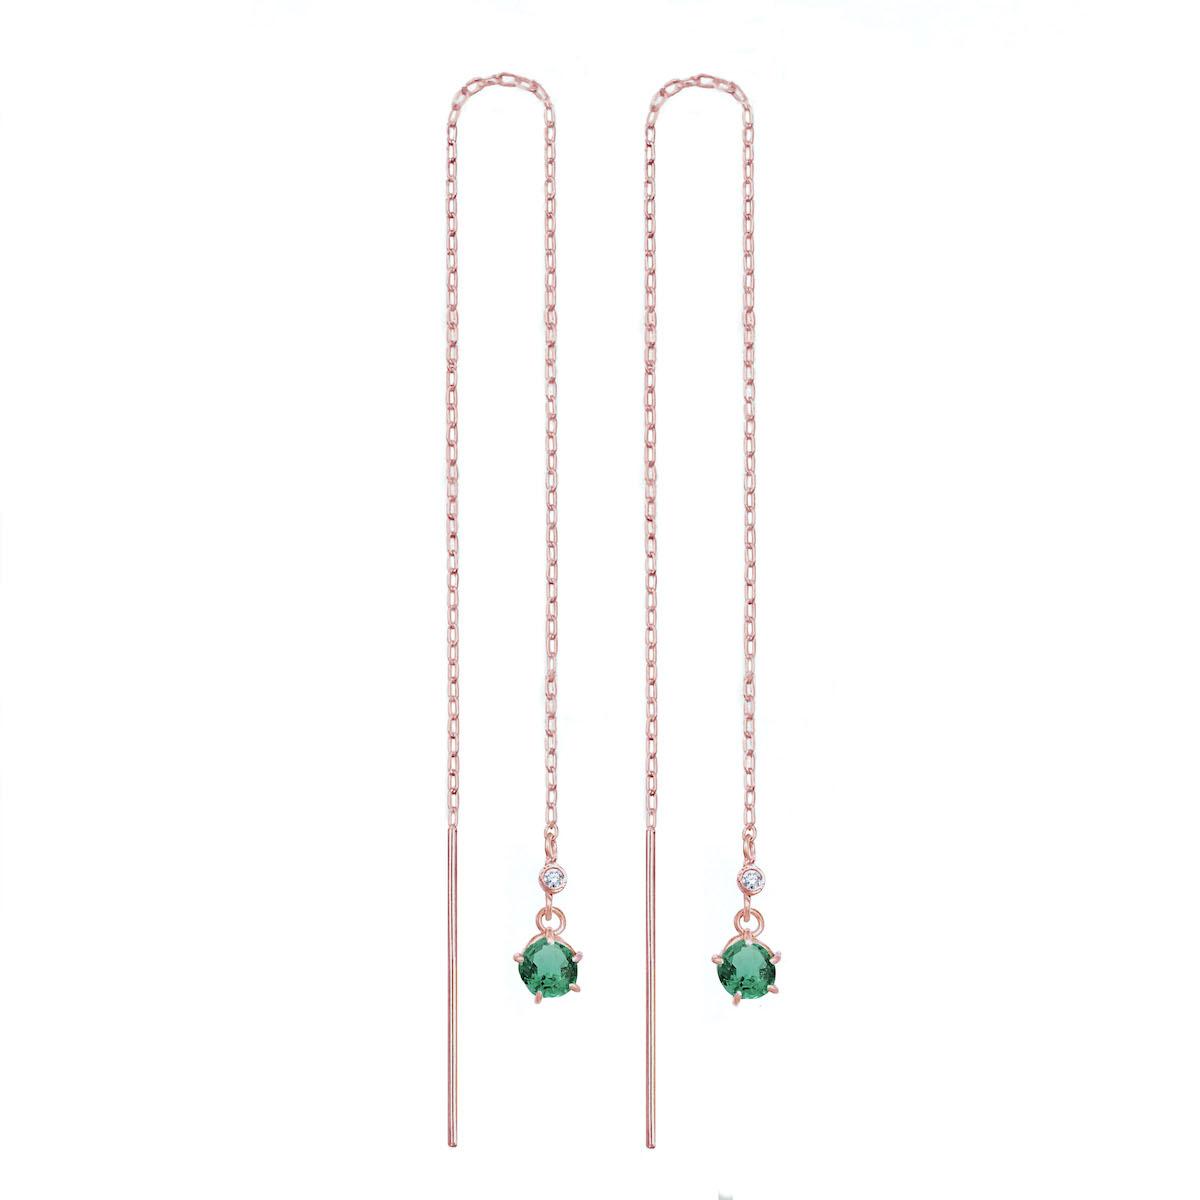 Emerald-Drop-Threader-Rose-Gold-32-3 RG copy